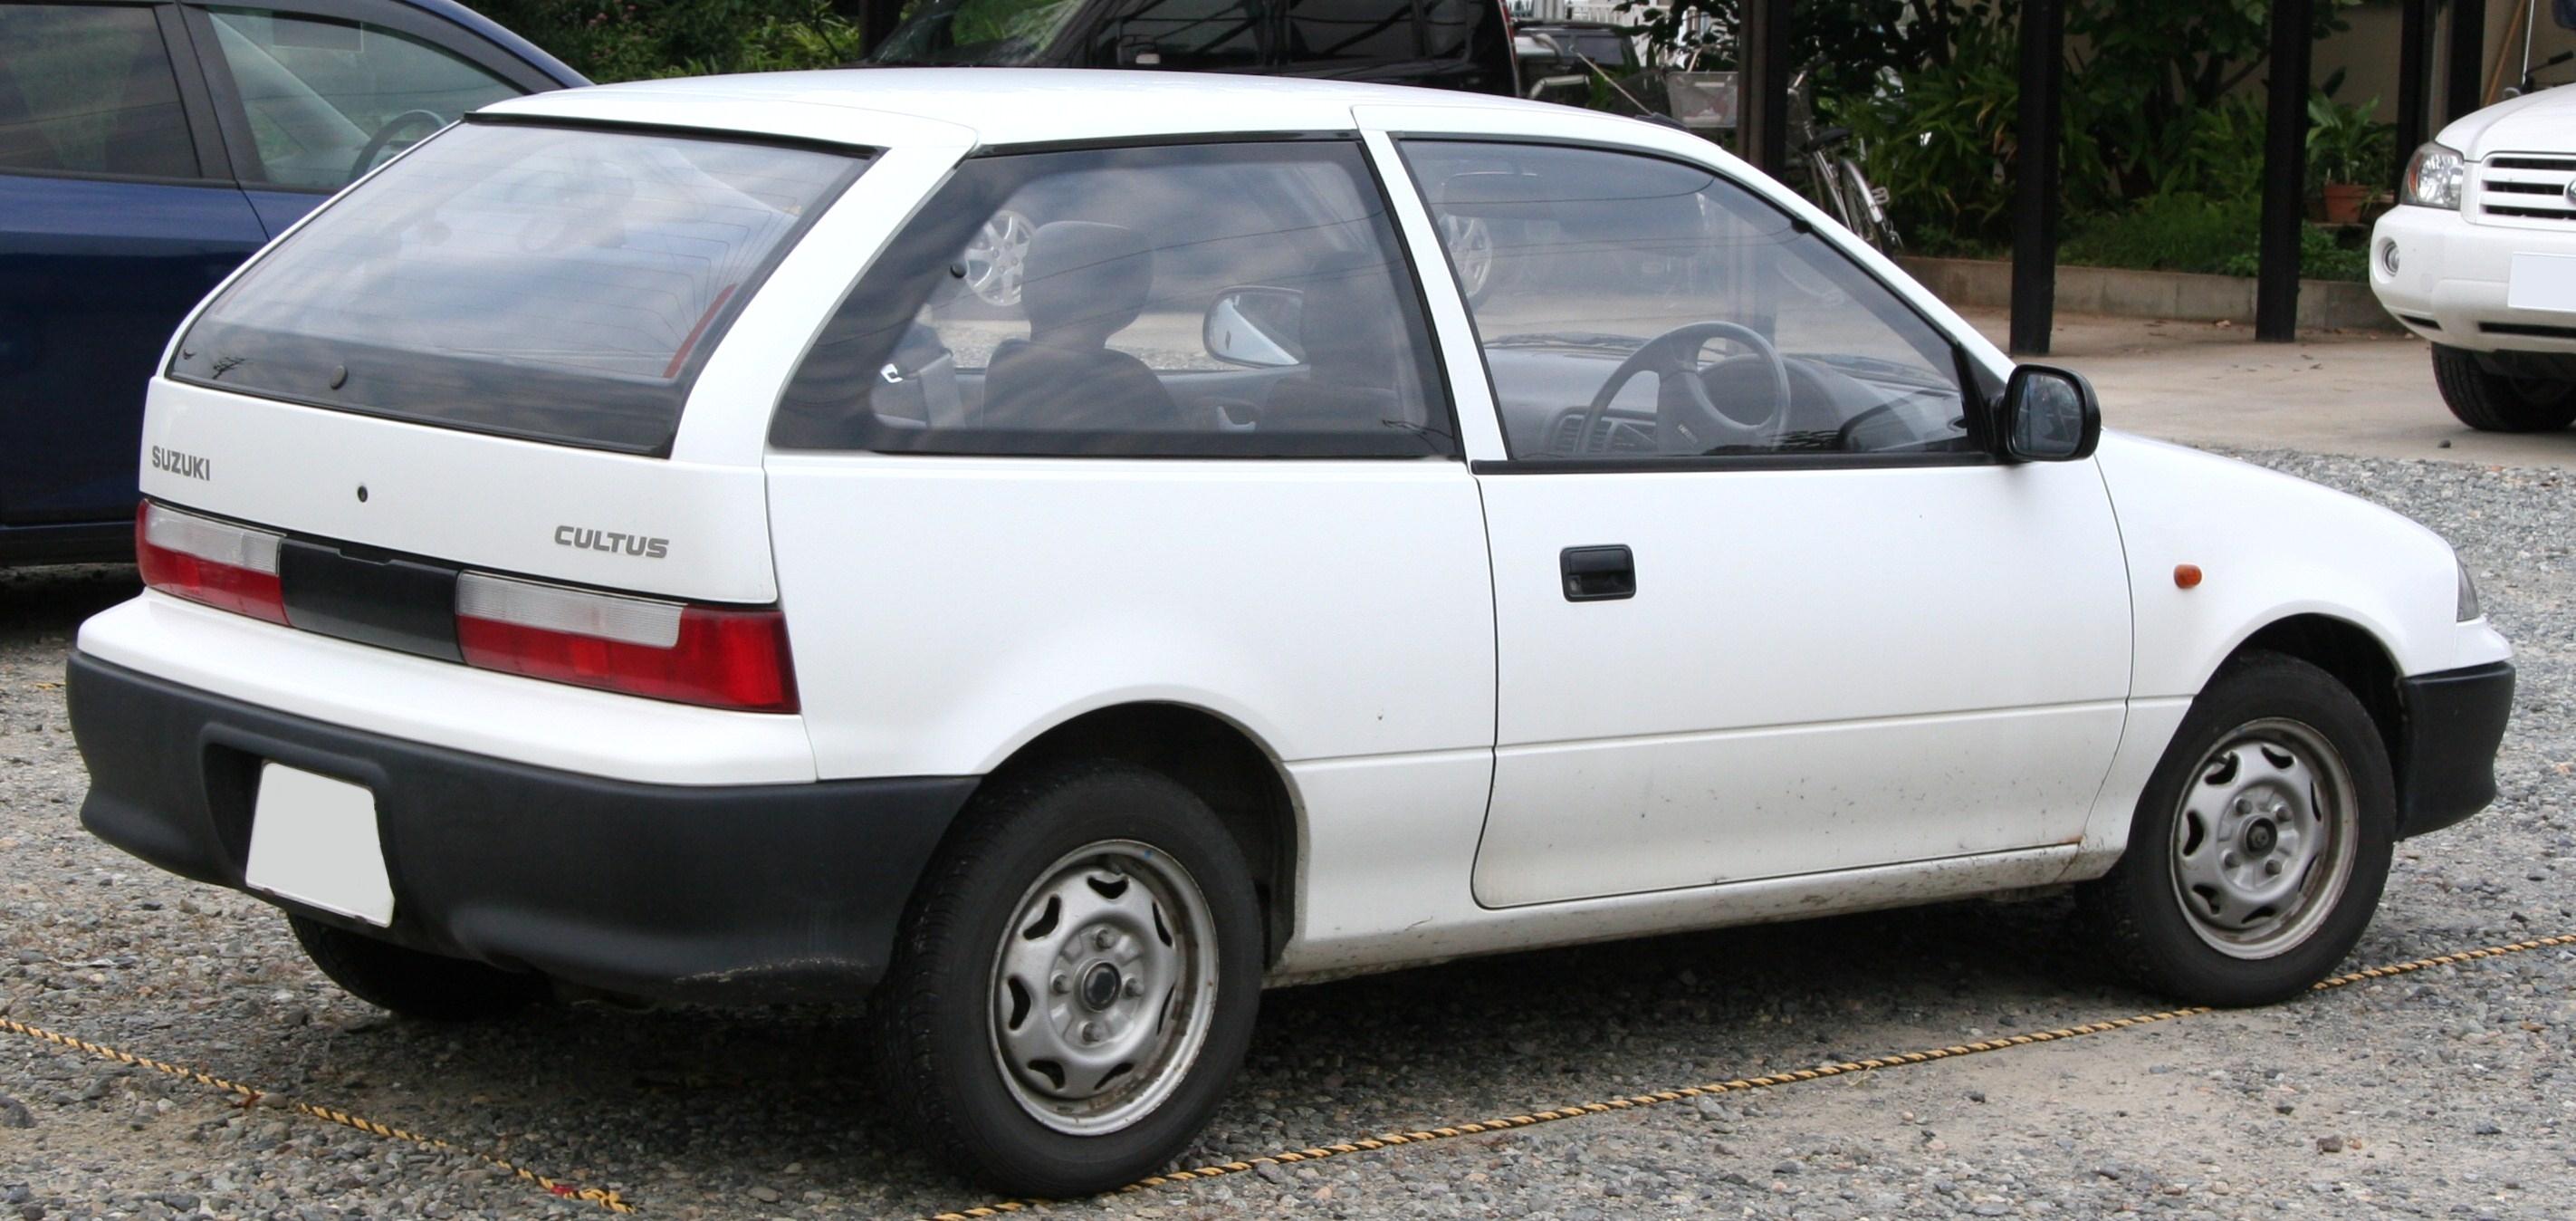 Suzuki Swift II Restyling 1995 - 2003 Hatchback 5 door #1